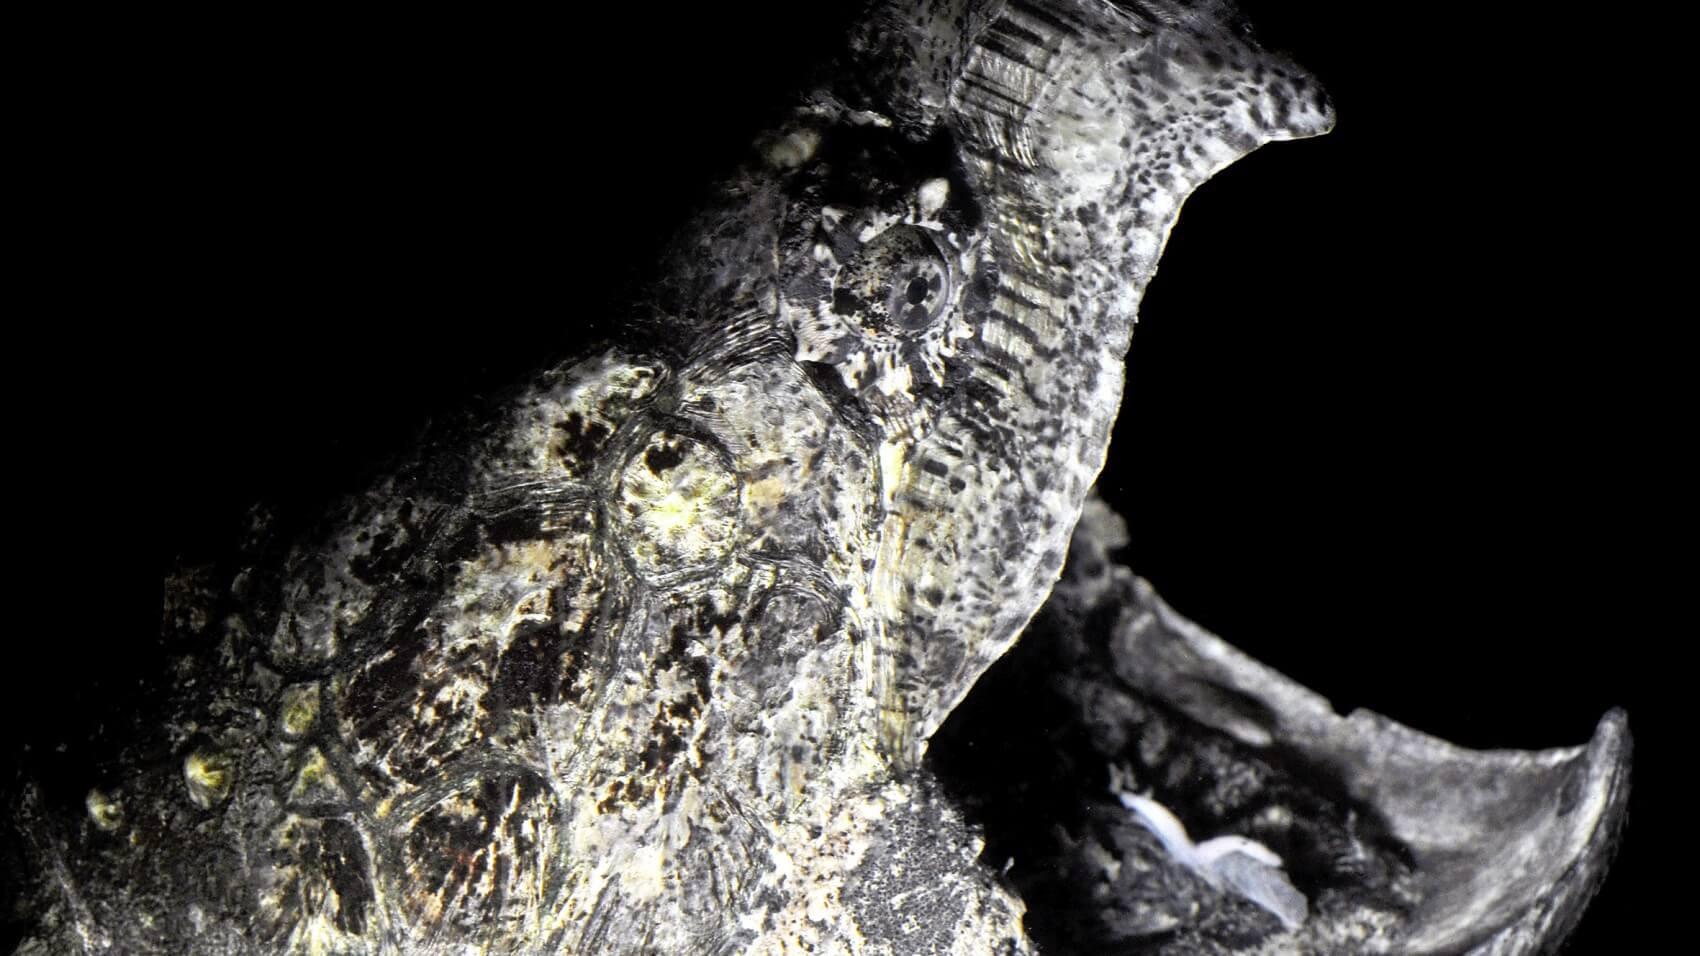 Alligatorskildpadden lever måske verdens kedeligste liv